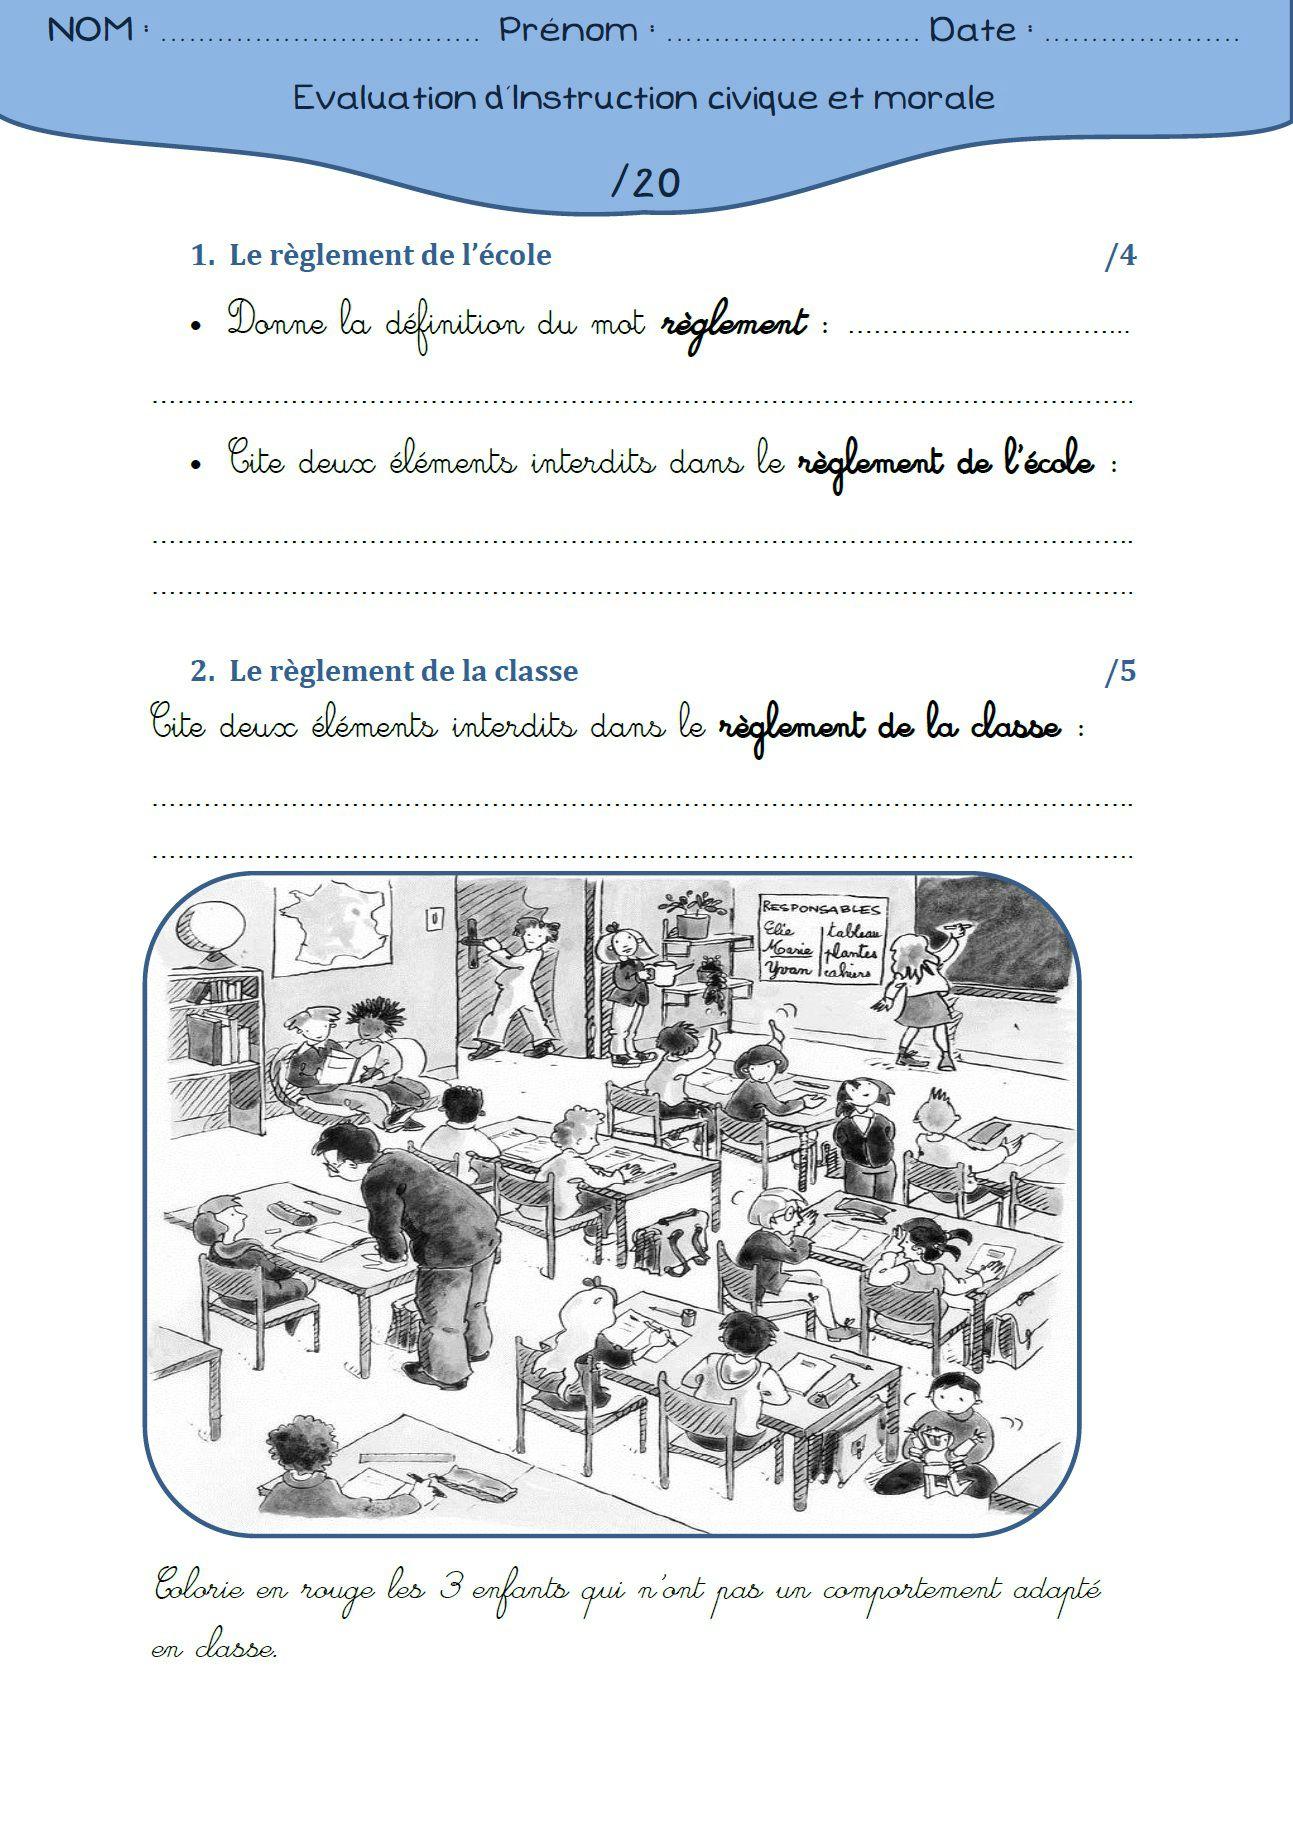 Education Morale Et Civique Cycle 3 : education, morale, civique, cycle, évaluation, Instruction, Civique, Morale, Documents, Pédagogiques, Partager, Cycle